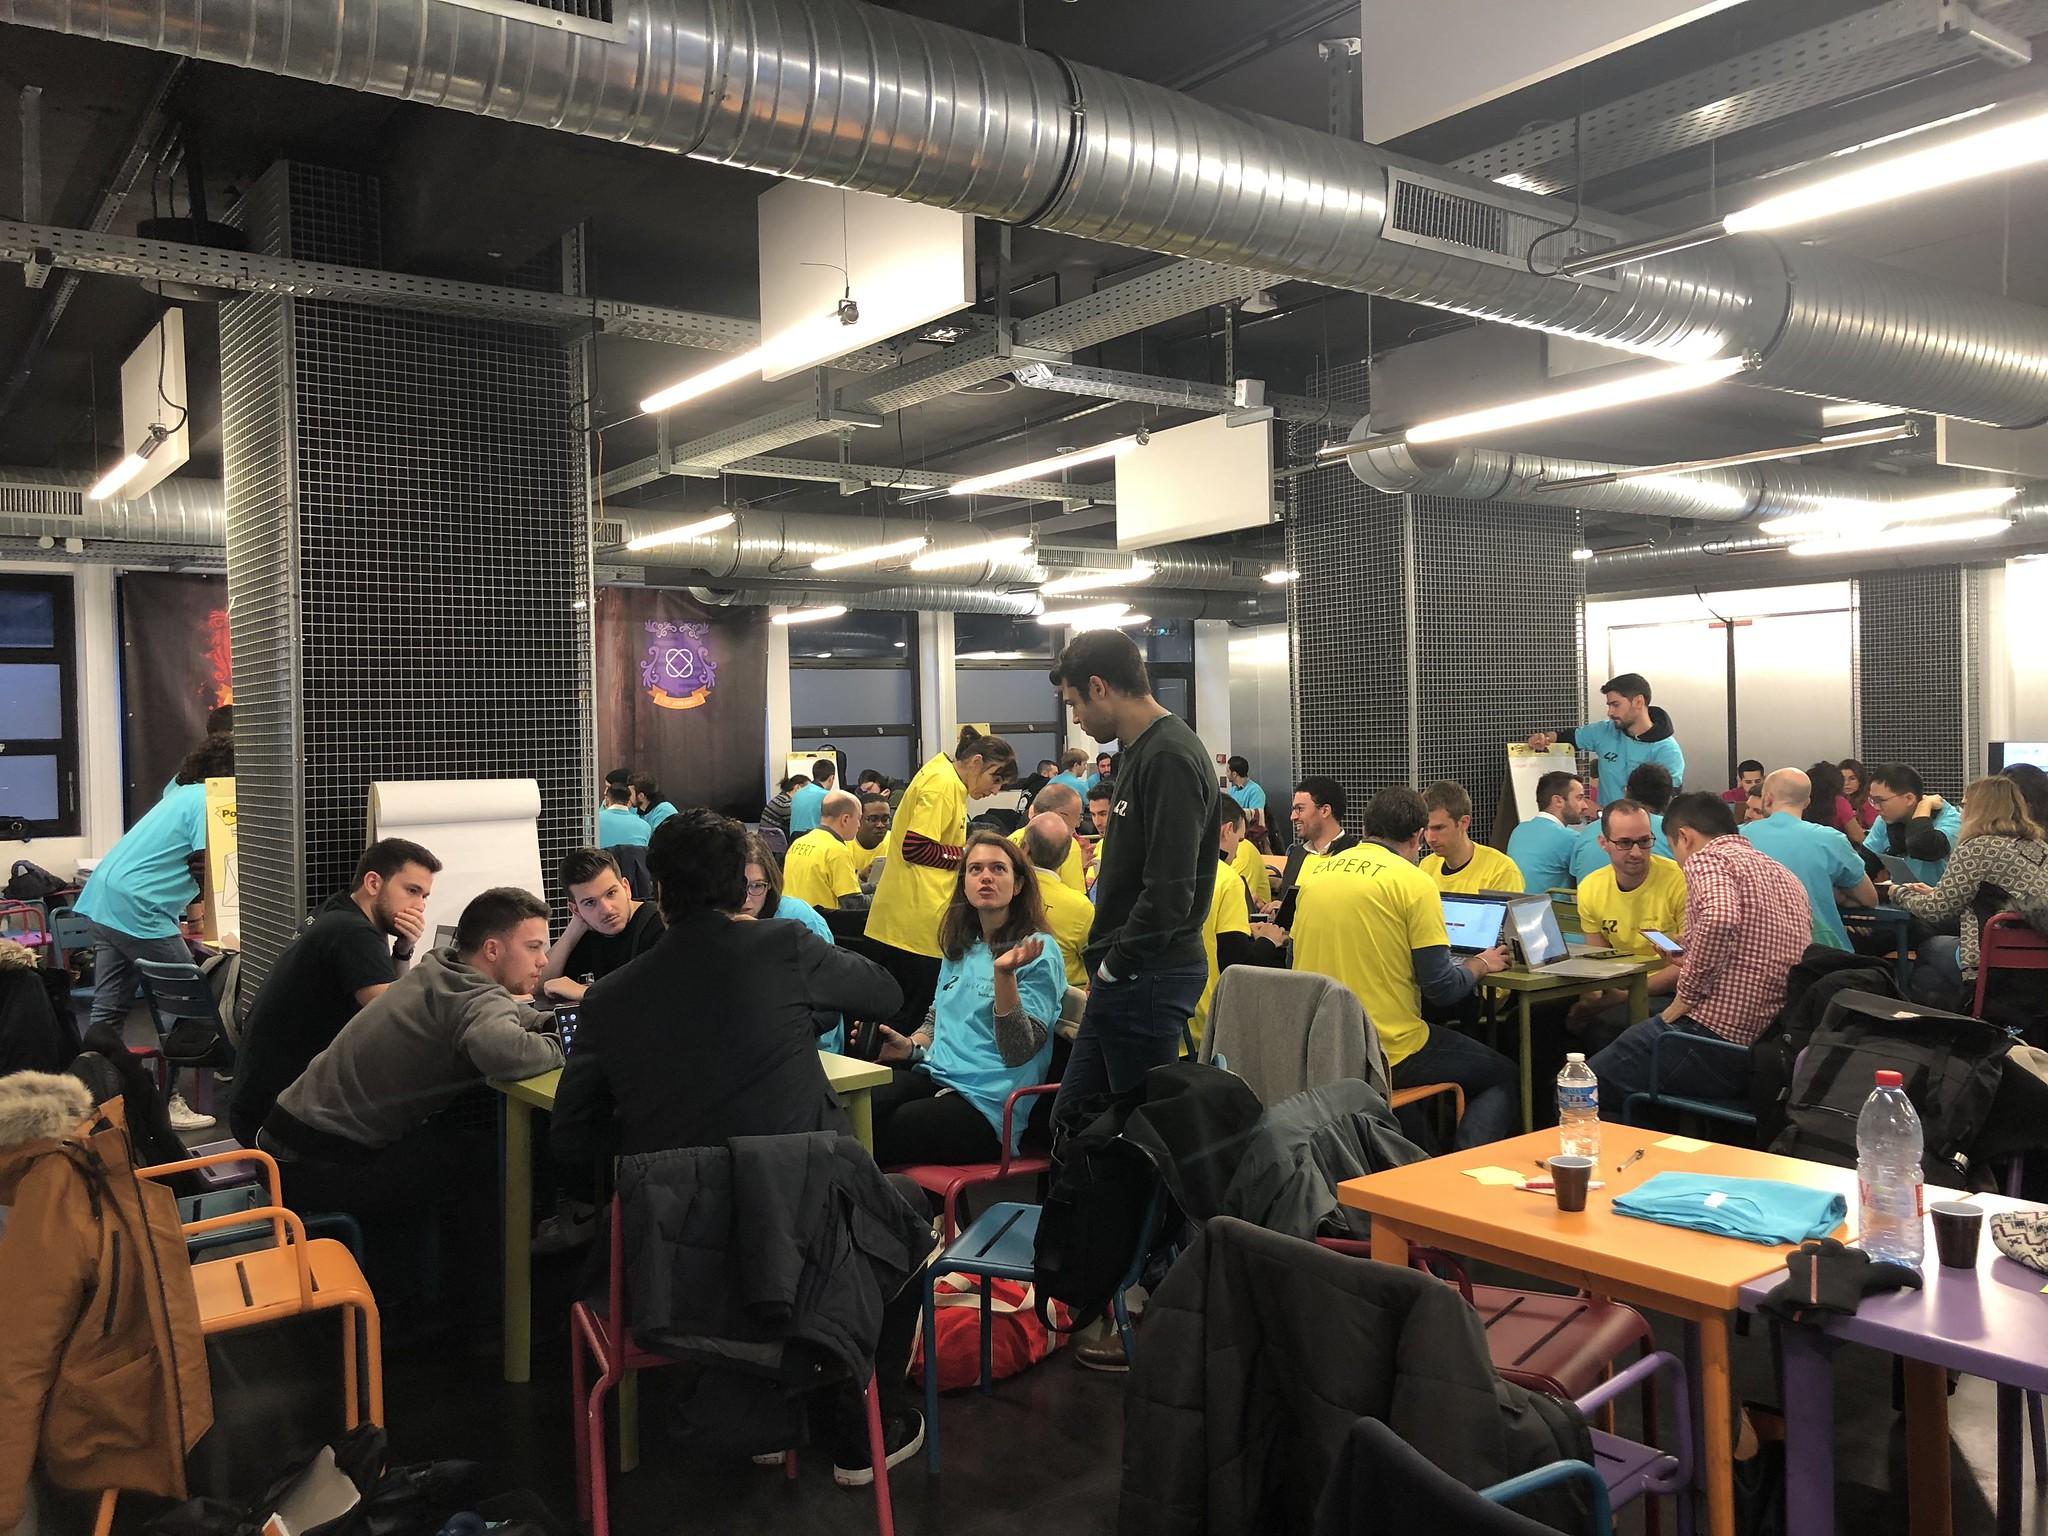 Beauty Tech Hackathon participants working hard